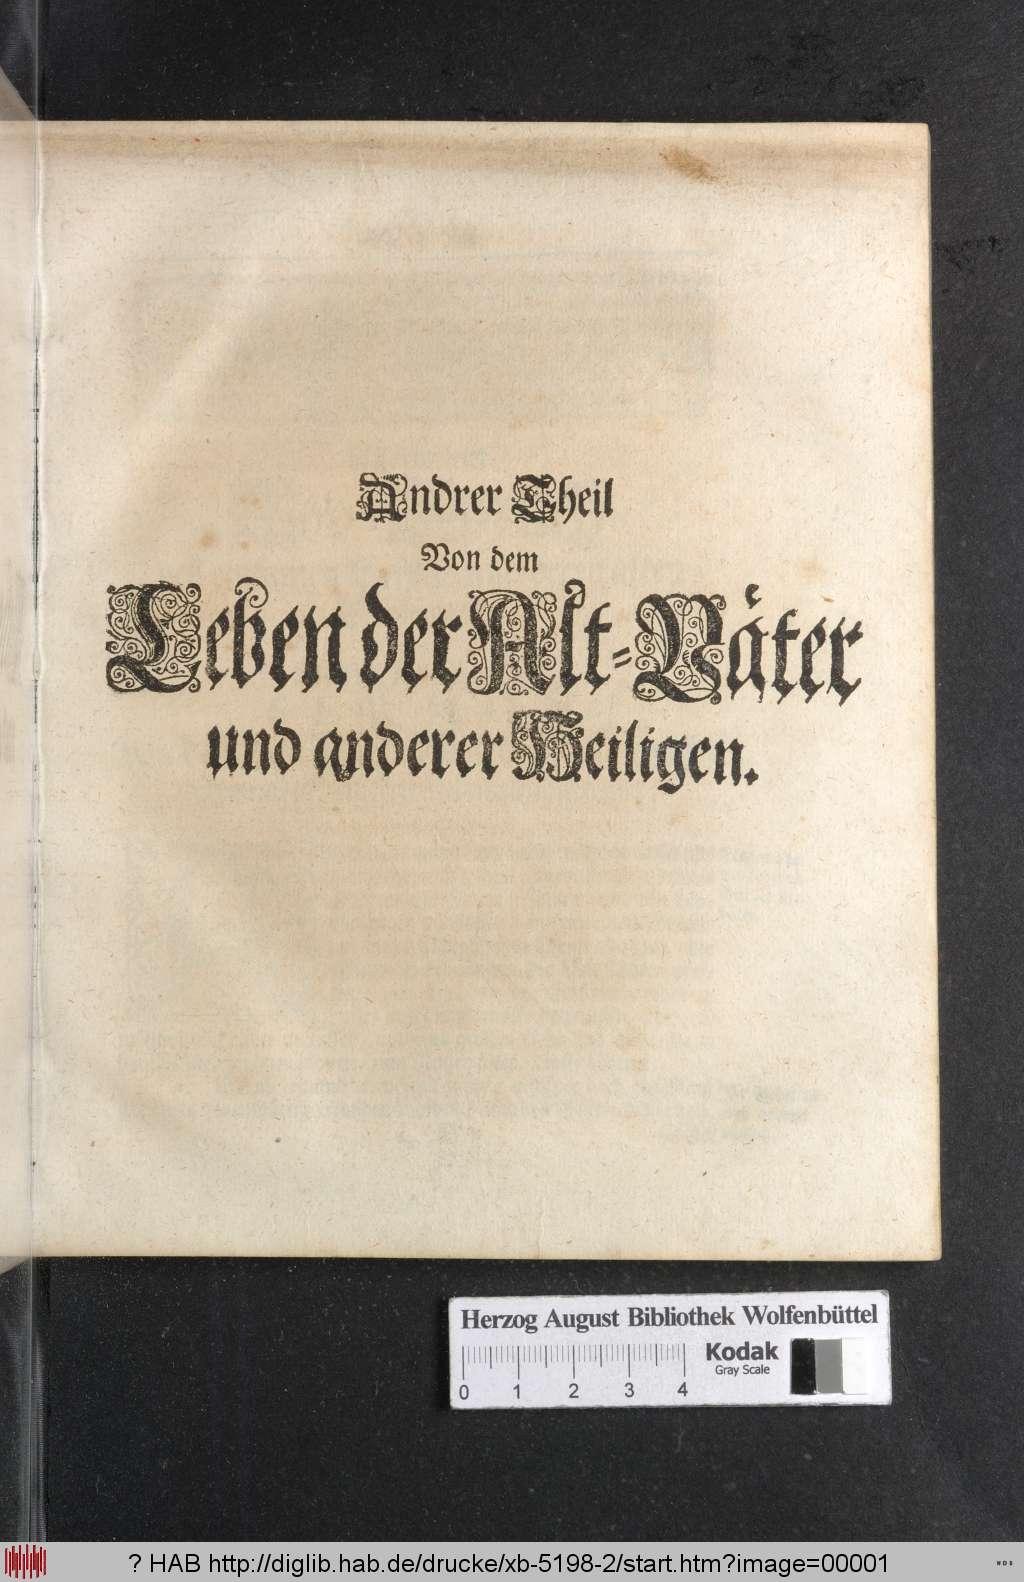 http://diglib.hab.de/drucke/xb-5198-2/00001.jpg